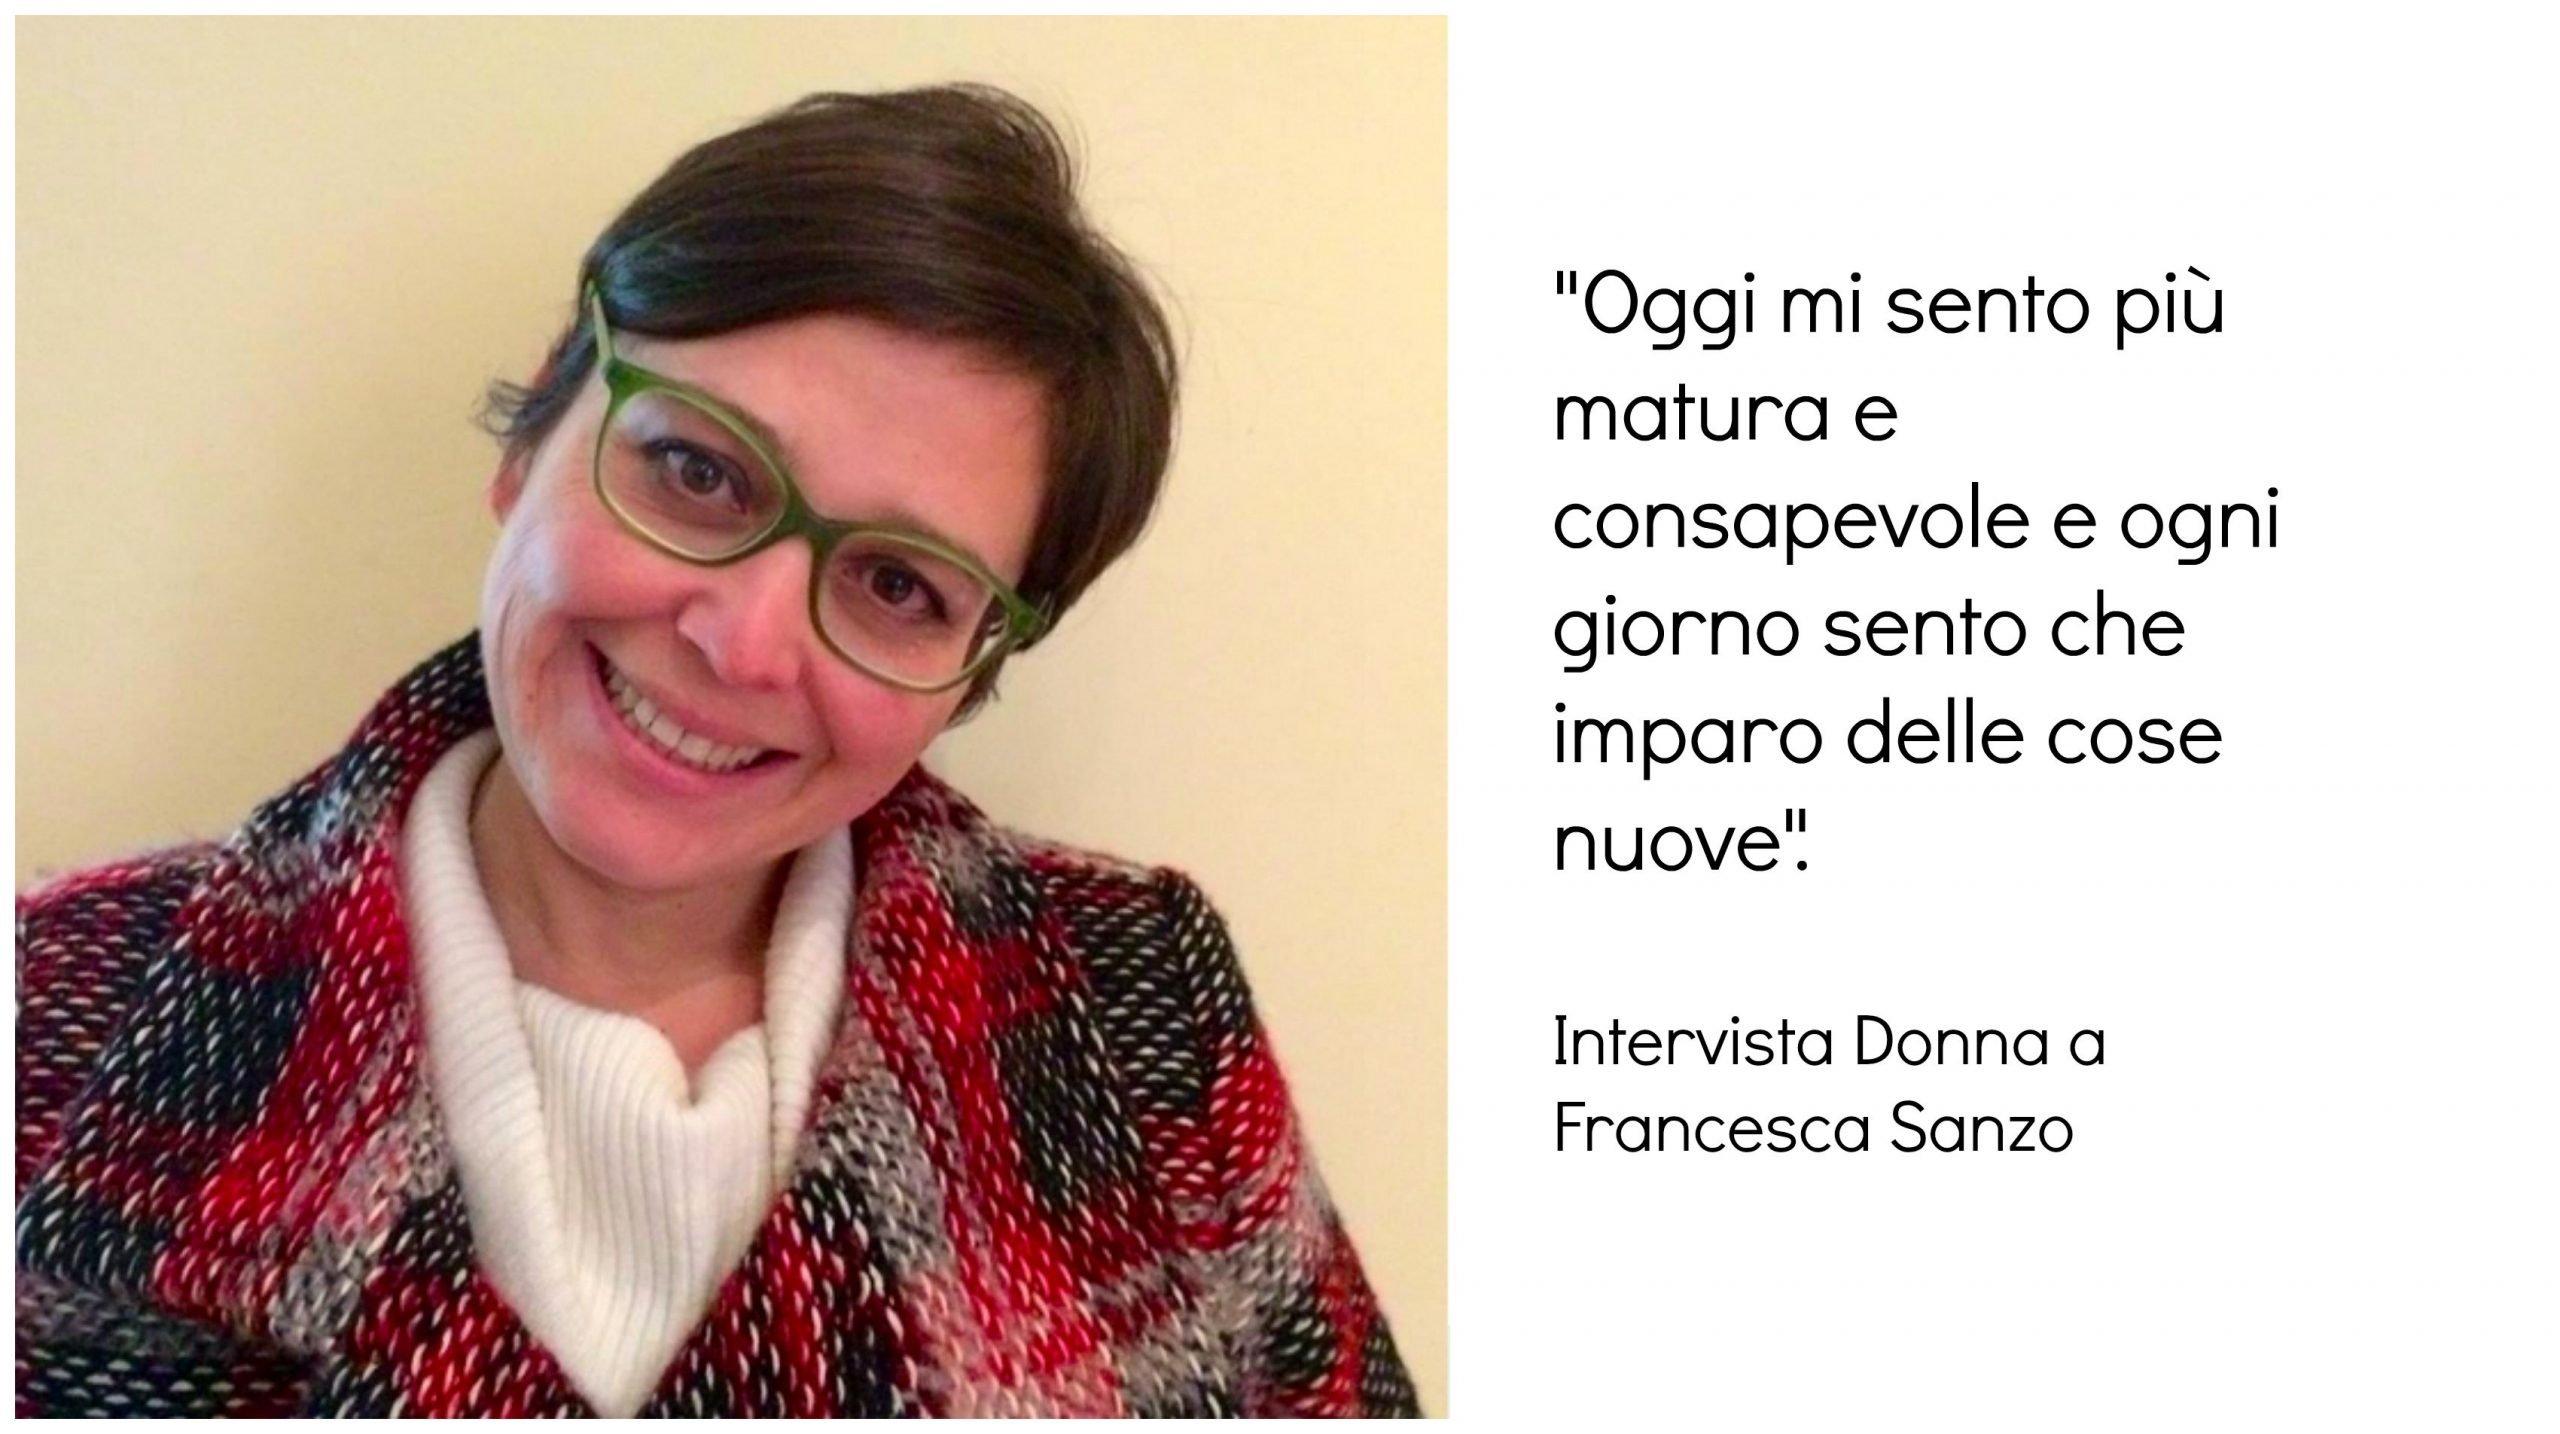 Intervista Donna a Francesca Sanzo